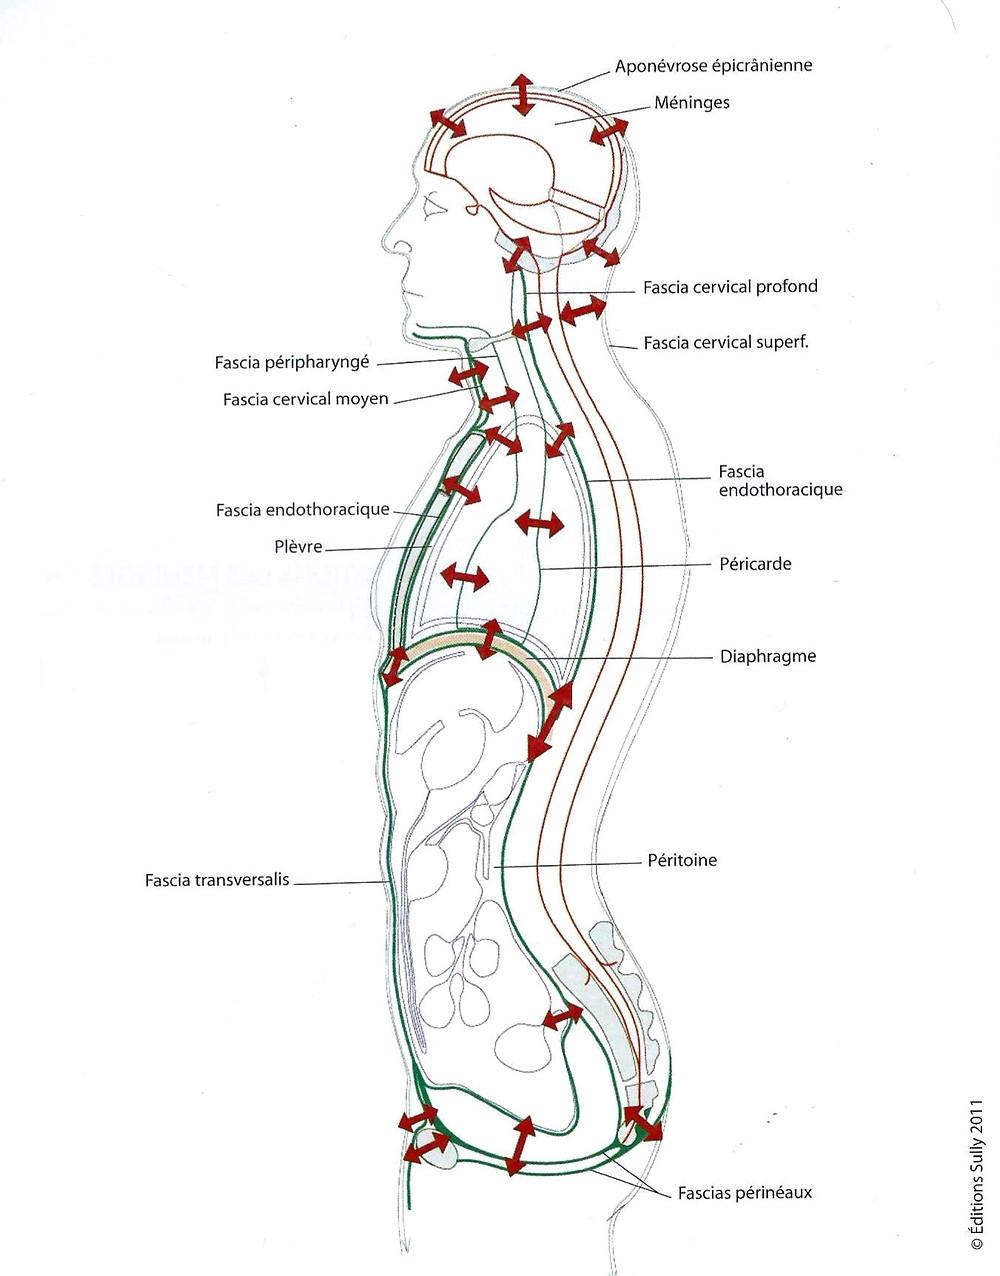 Figure 2 : organisation des fascias, la dure-mère (en rouge), le fascia viscéral (en vert). Présents de la tête aux pieds, les fascias enveloppent chaque bout d'organe et chaque organe. Ils constituent ce qu'on peut appeler une suite tissulaire ininterrompue, de la tête aux pieds mais aussi de l'intérieur vers l'extérieur, partout et de toutes parts.